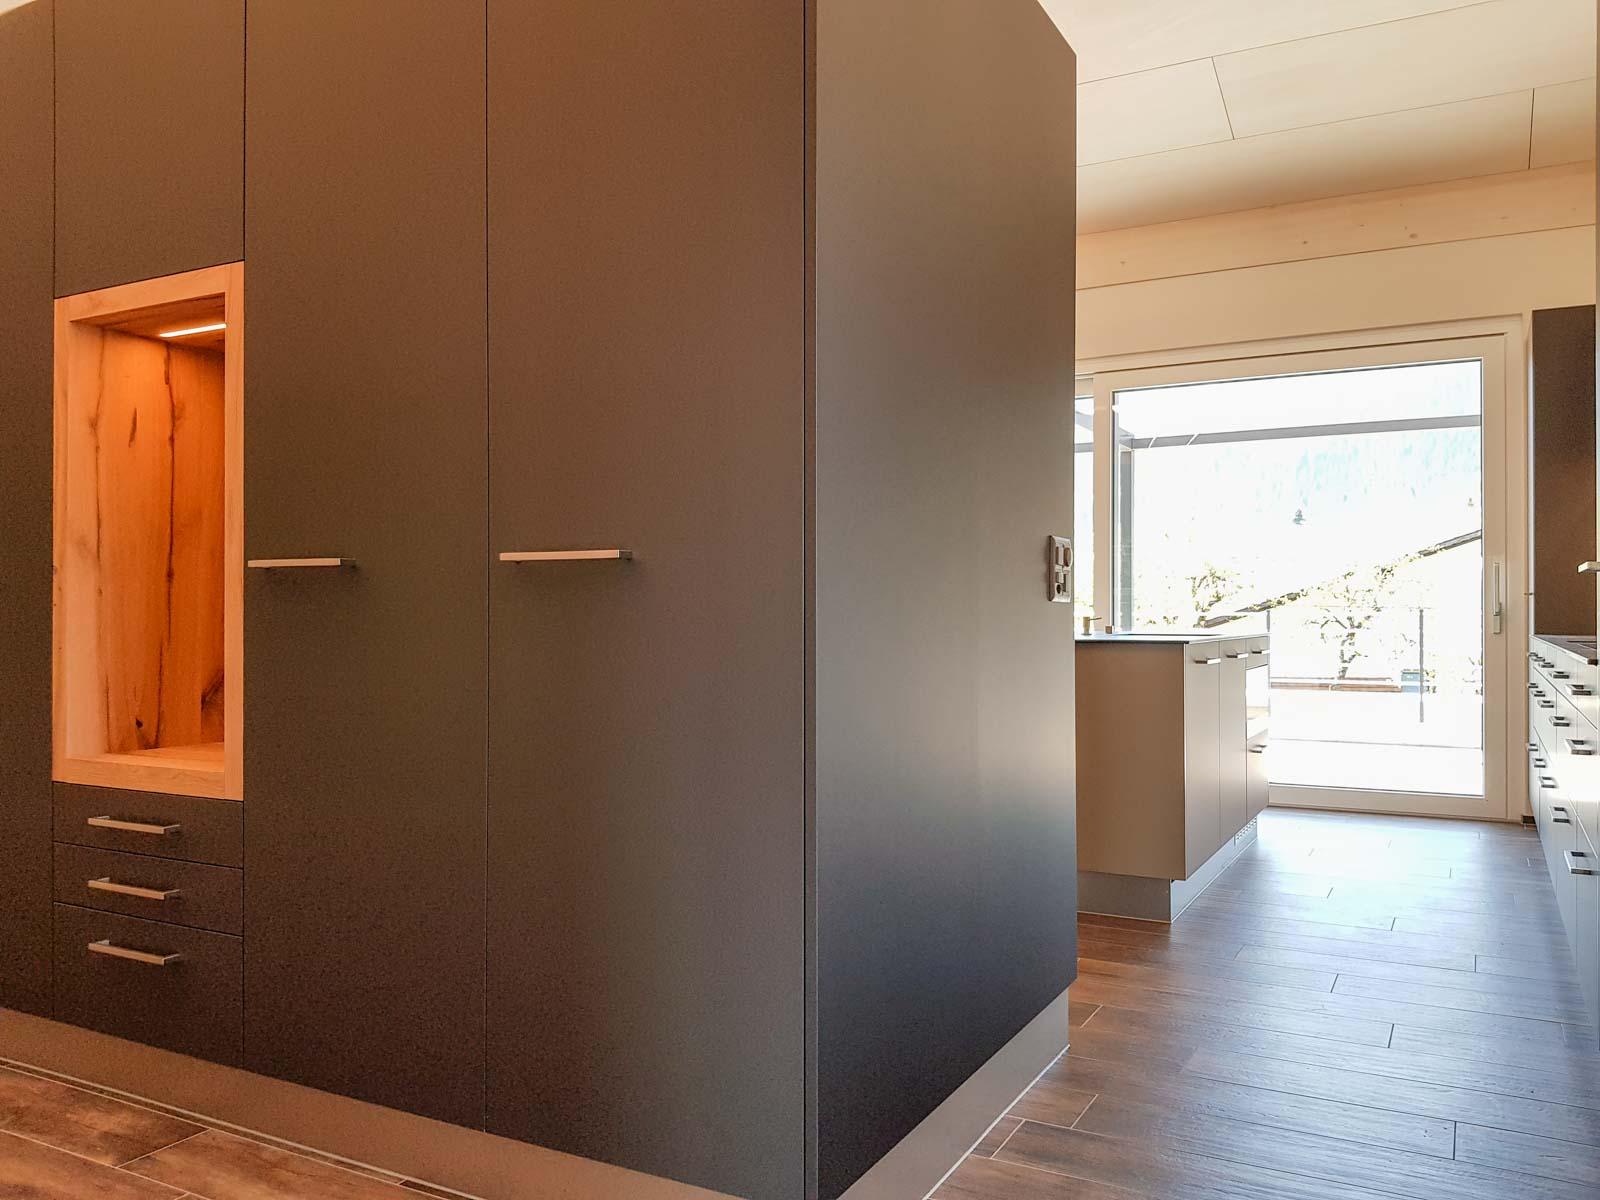 Wooddesign_Garderobe_Gästegarderobe_anthrazit_Eiche Altholz_Steinmauer_modern (7)